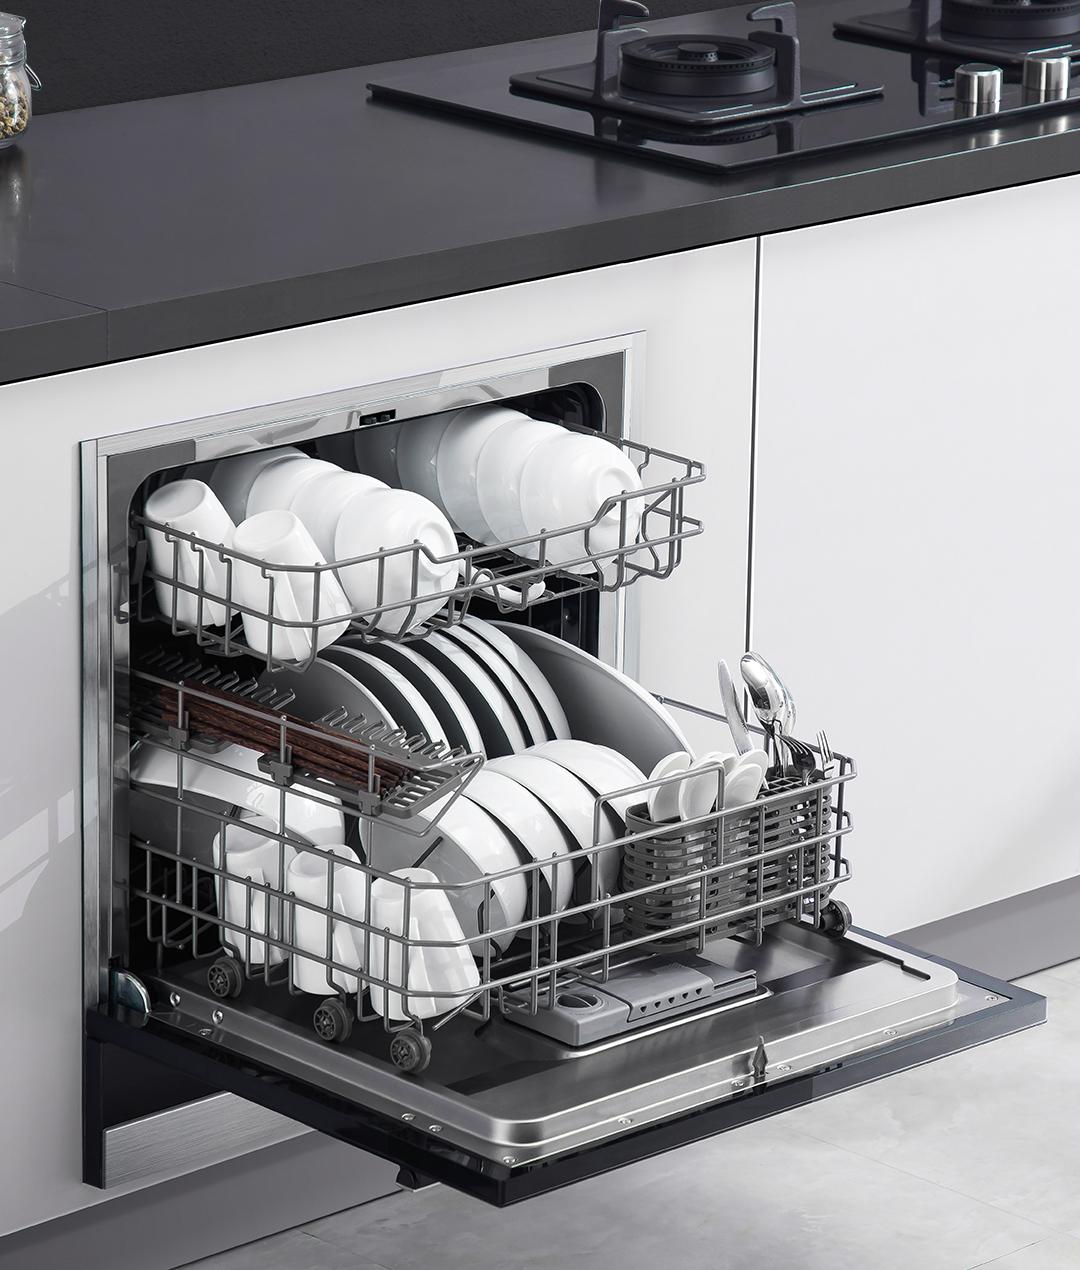 Nếu đang có ý định mua máy rửa bát cho gia đình thì bạn không nên bỏ qua 5 lưu ý quan trọng dưới đây - Ảnh 6.